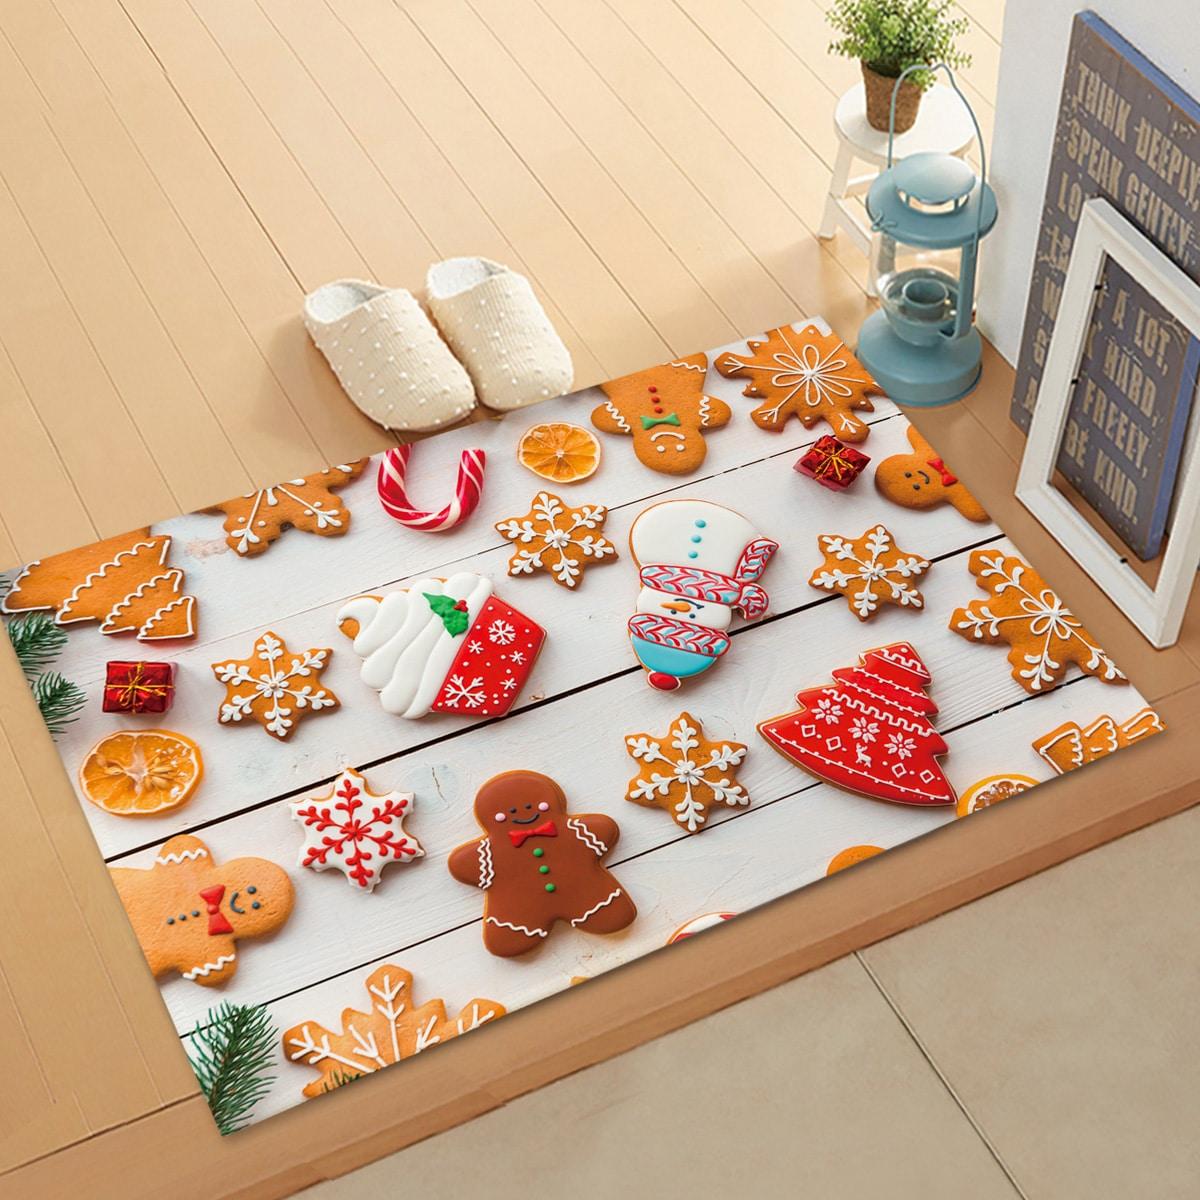 SHEIN / Weihnachten Bodenmatte mit Keks Muster